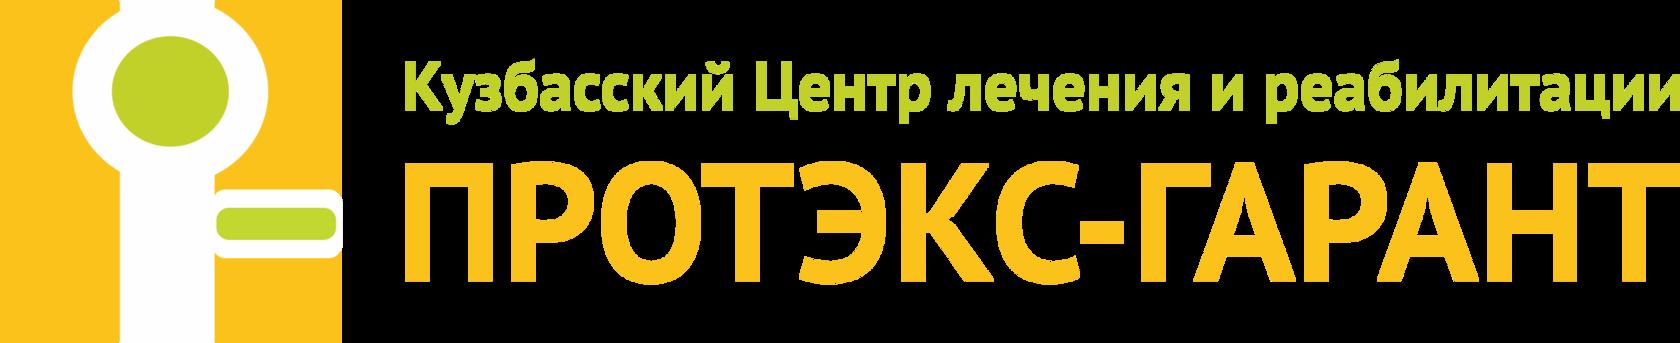 Кузбасский Центр лечения и реабилитации Протэкс-Гарант